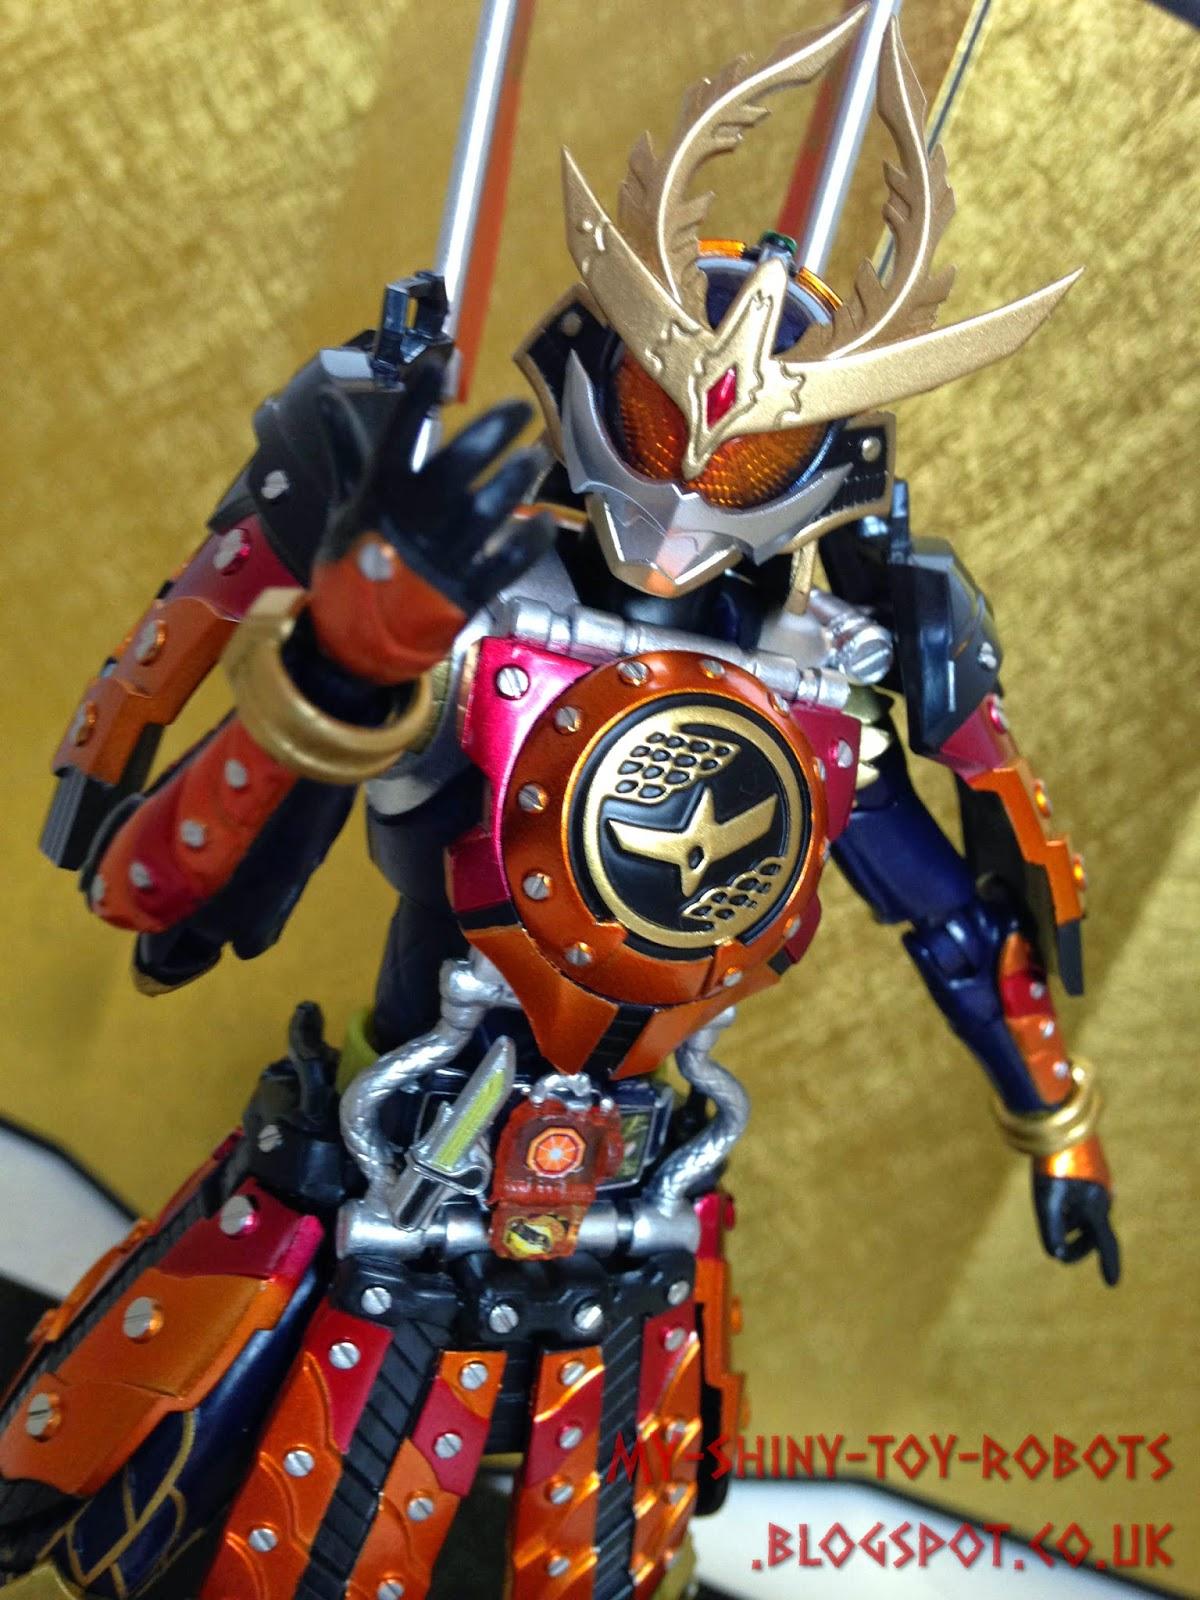 Kachidoki close up